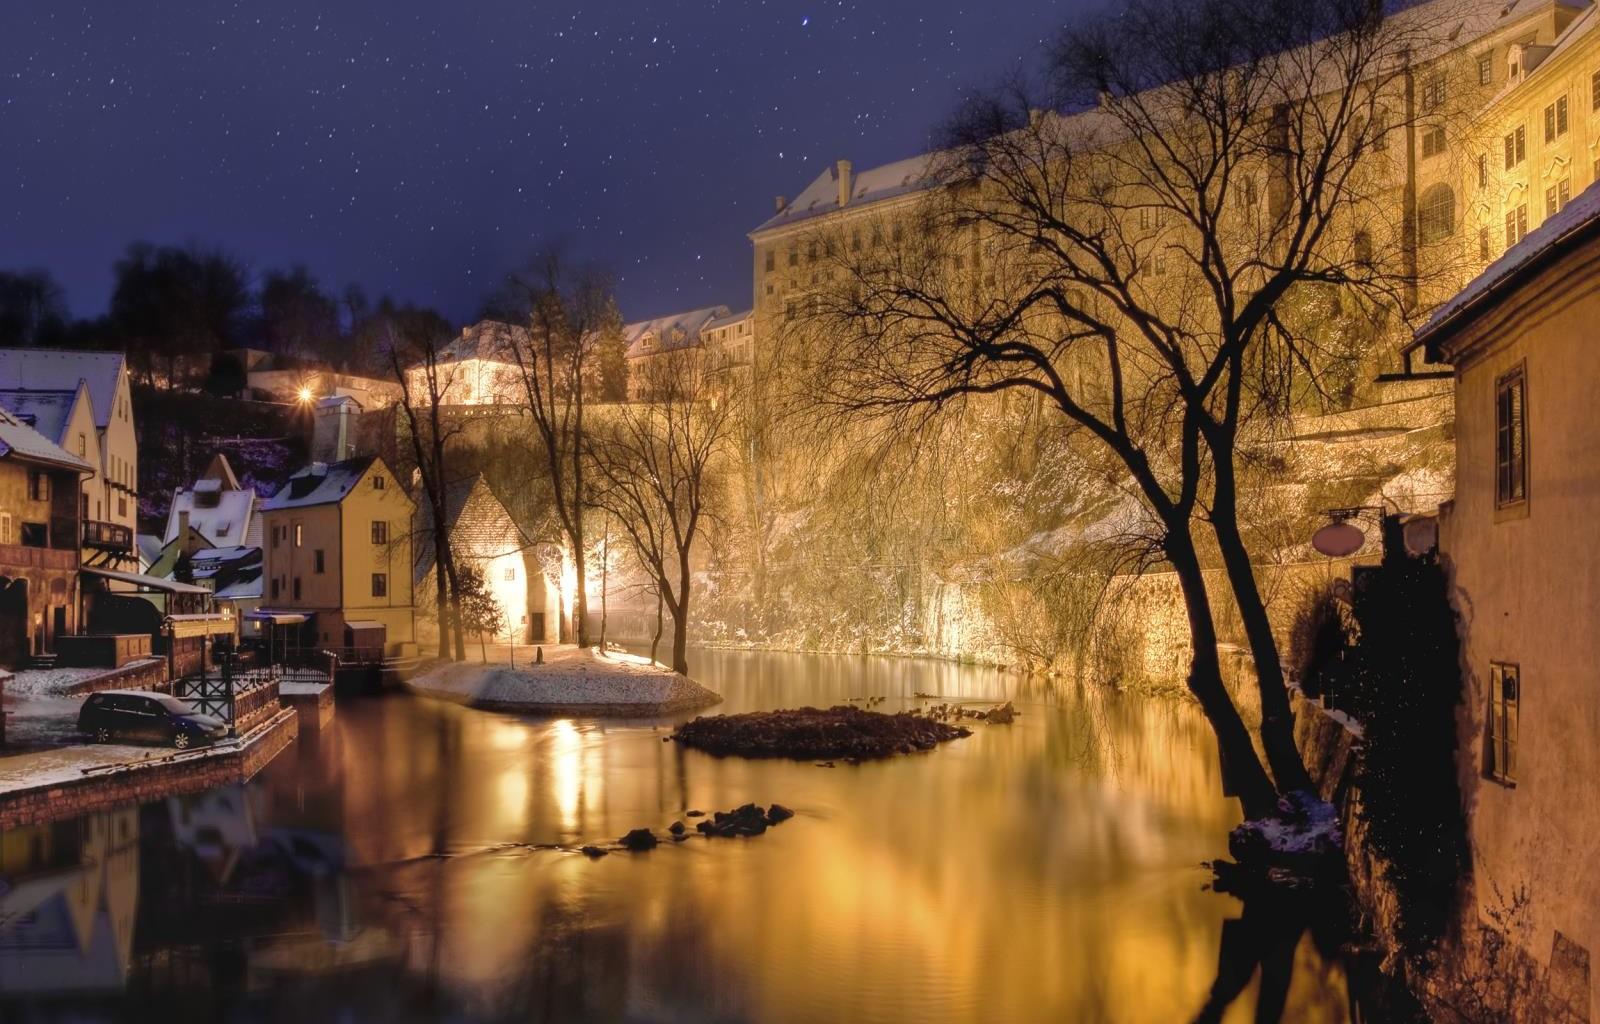 Cesky_Krumlov_Winter (2)